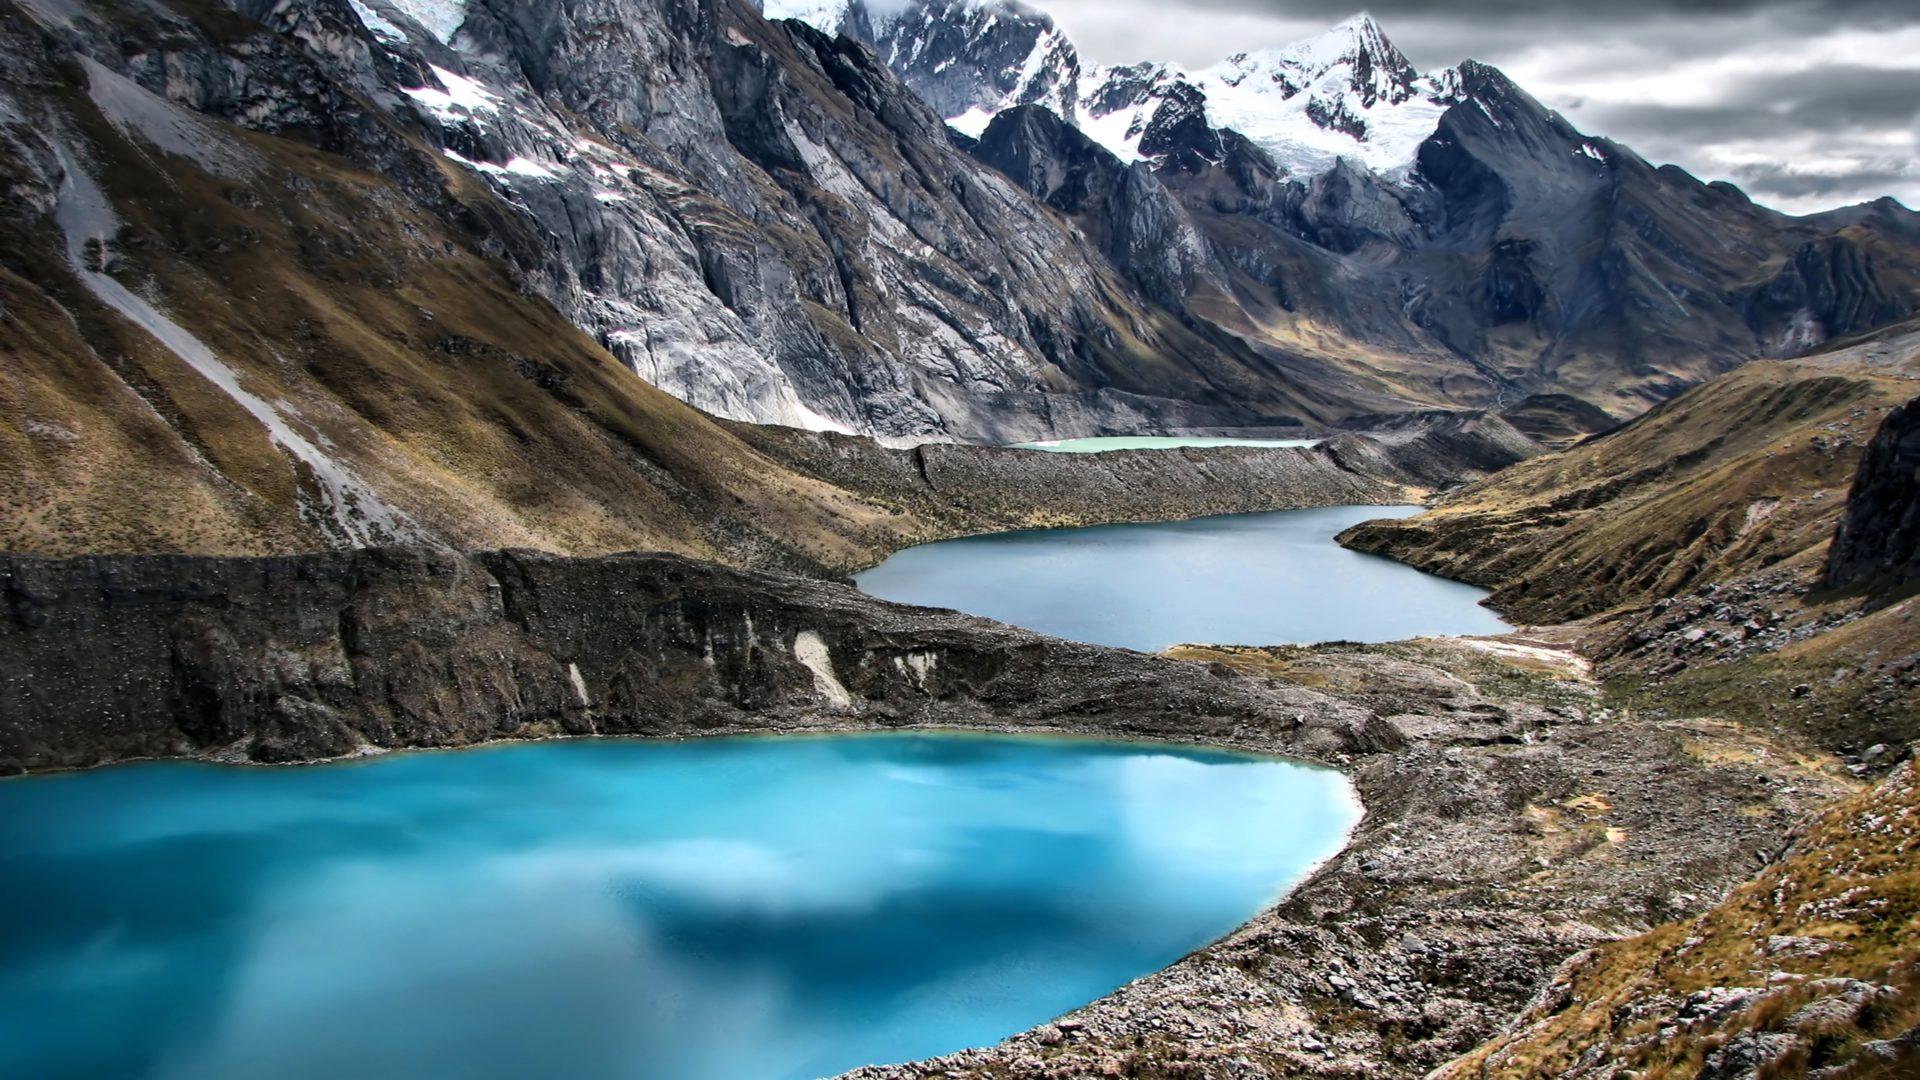 Peru Mountains Lake Cordillera Huayhuash Nature 409980